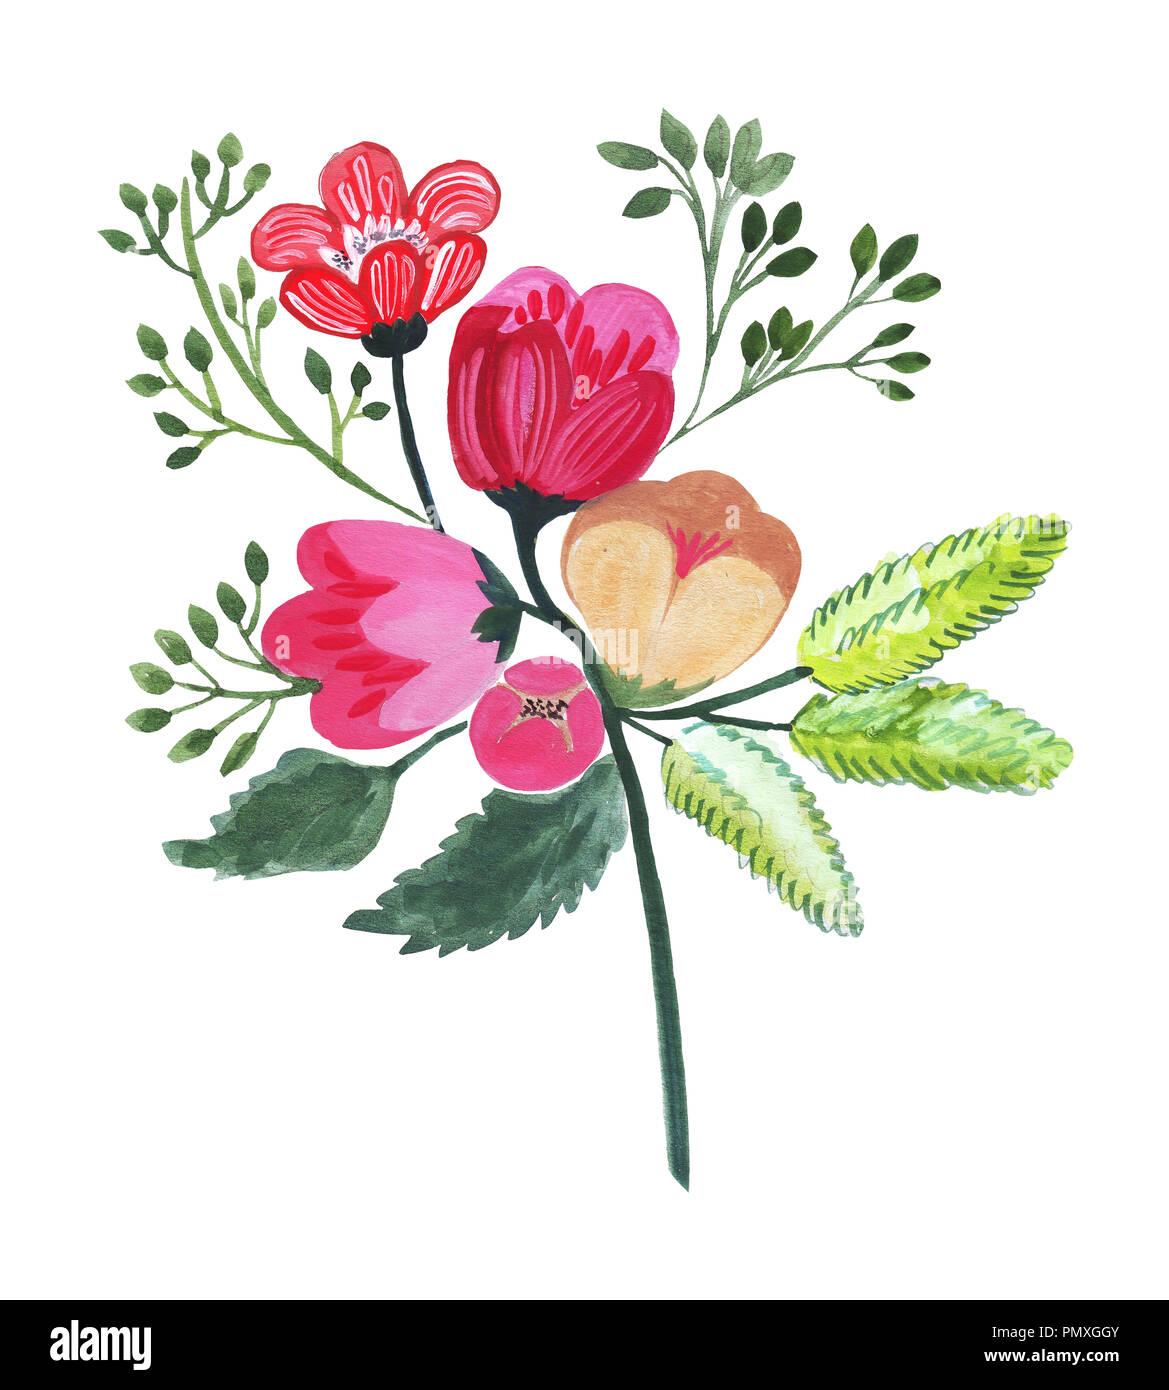 Illustration De Dessin Bouquet Fleurs Dans Des Couleurs Vives Pour Divers Types D Isole Photo Stock Alamy